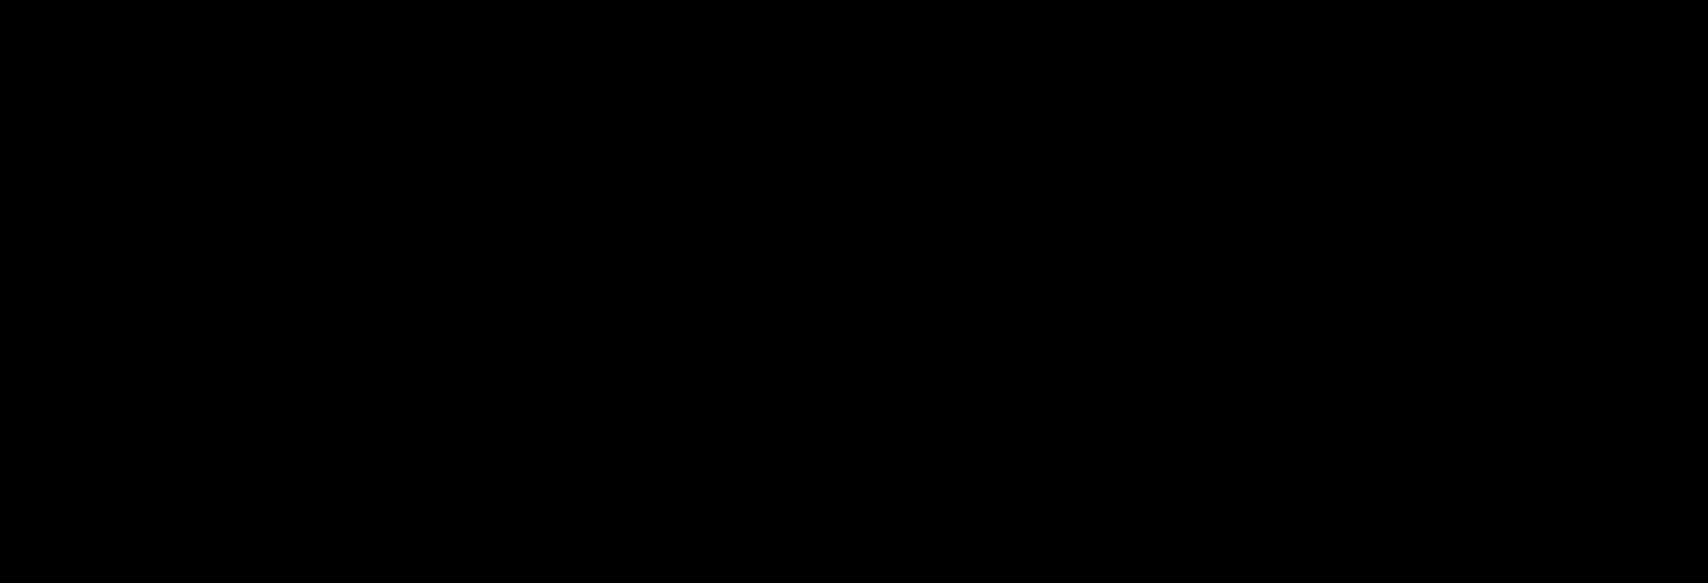 Belinostat-<sup>13</sup>C<sub>6</sub>